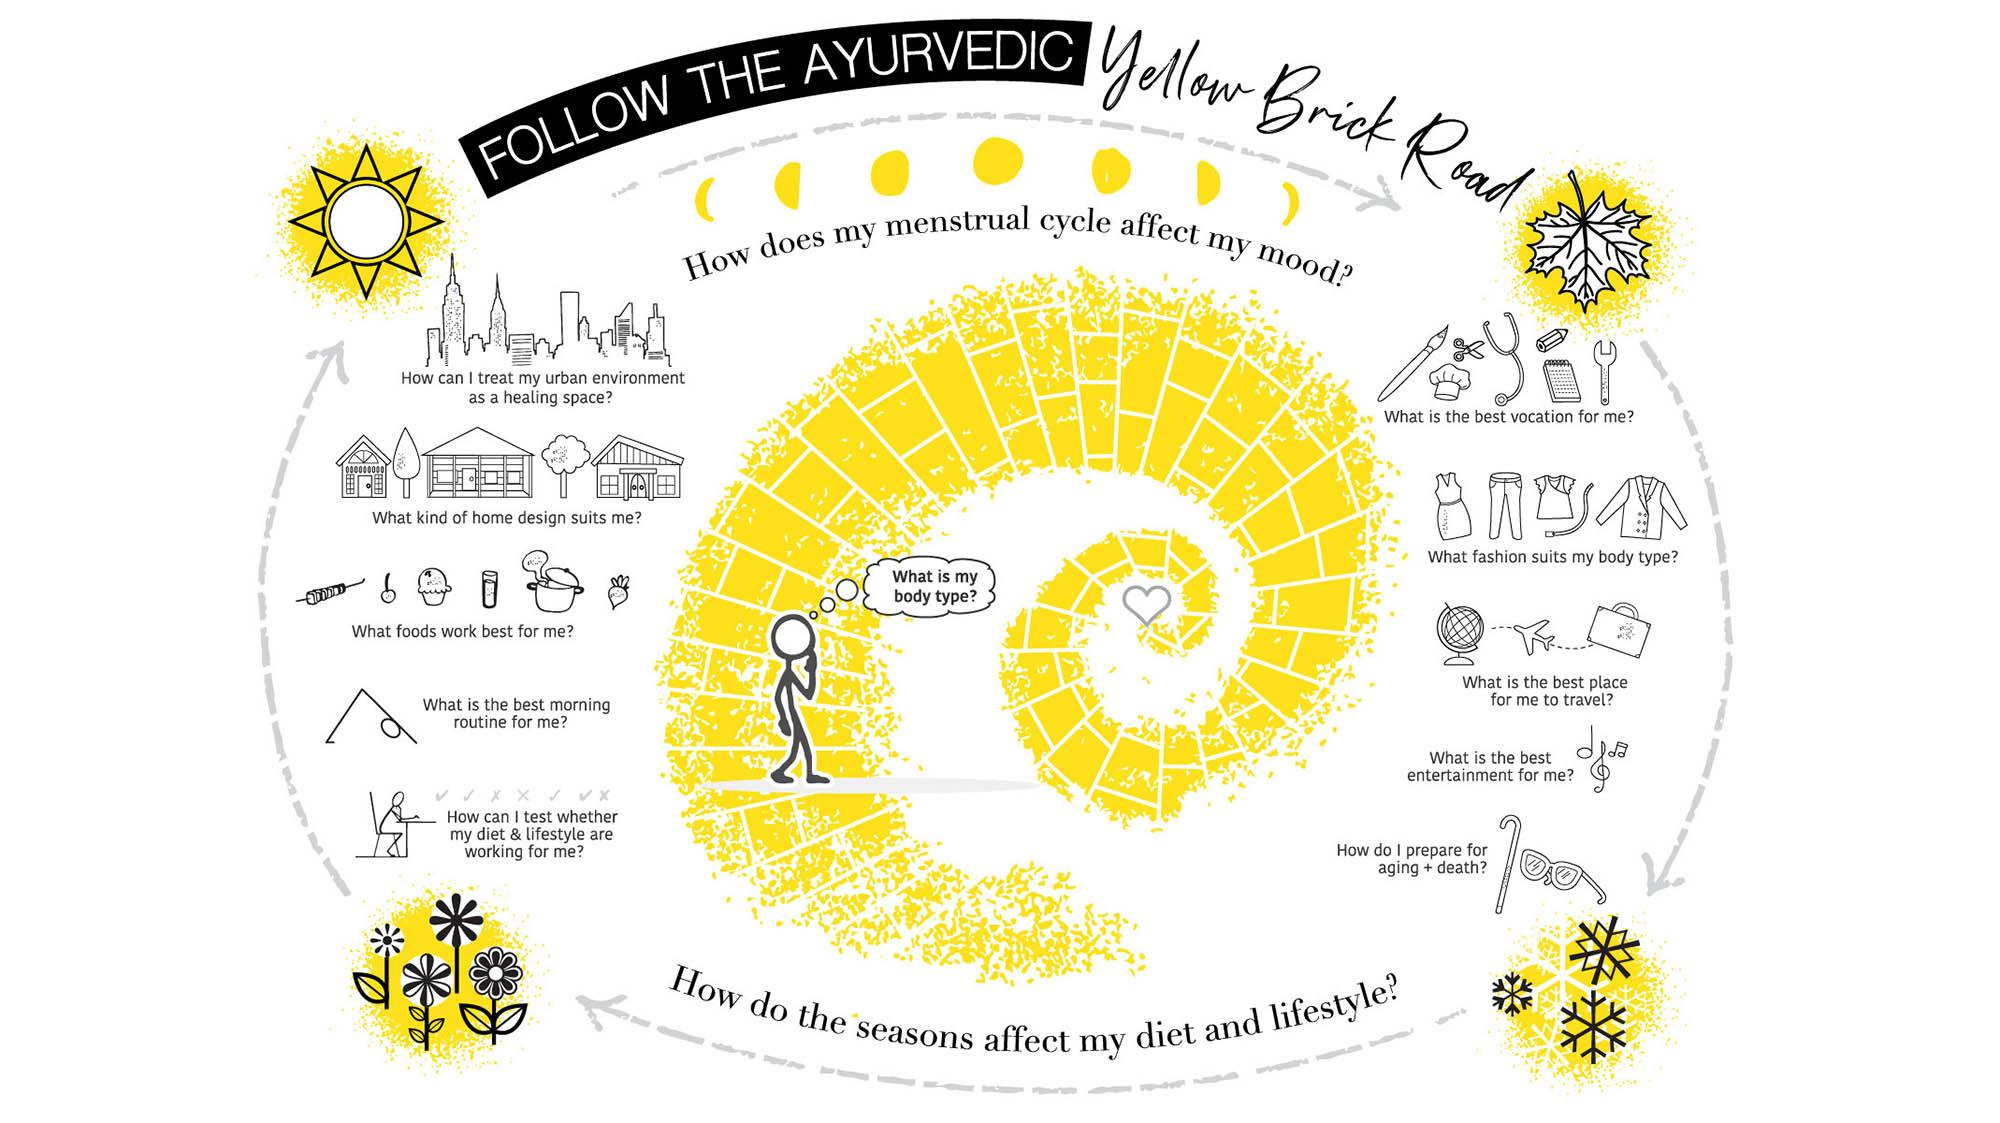 Ayuvedic infographic Dan 1.jpg